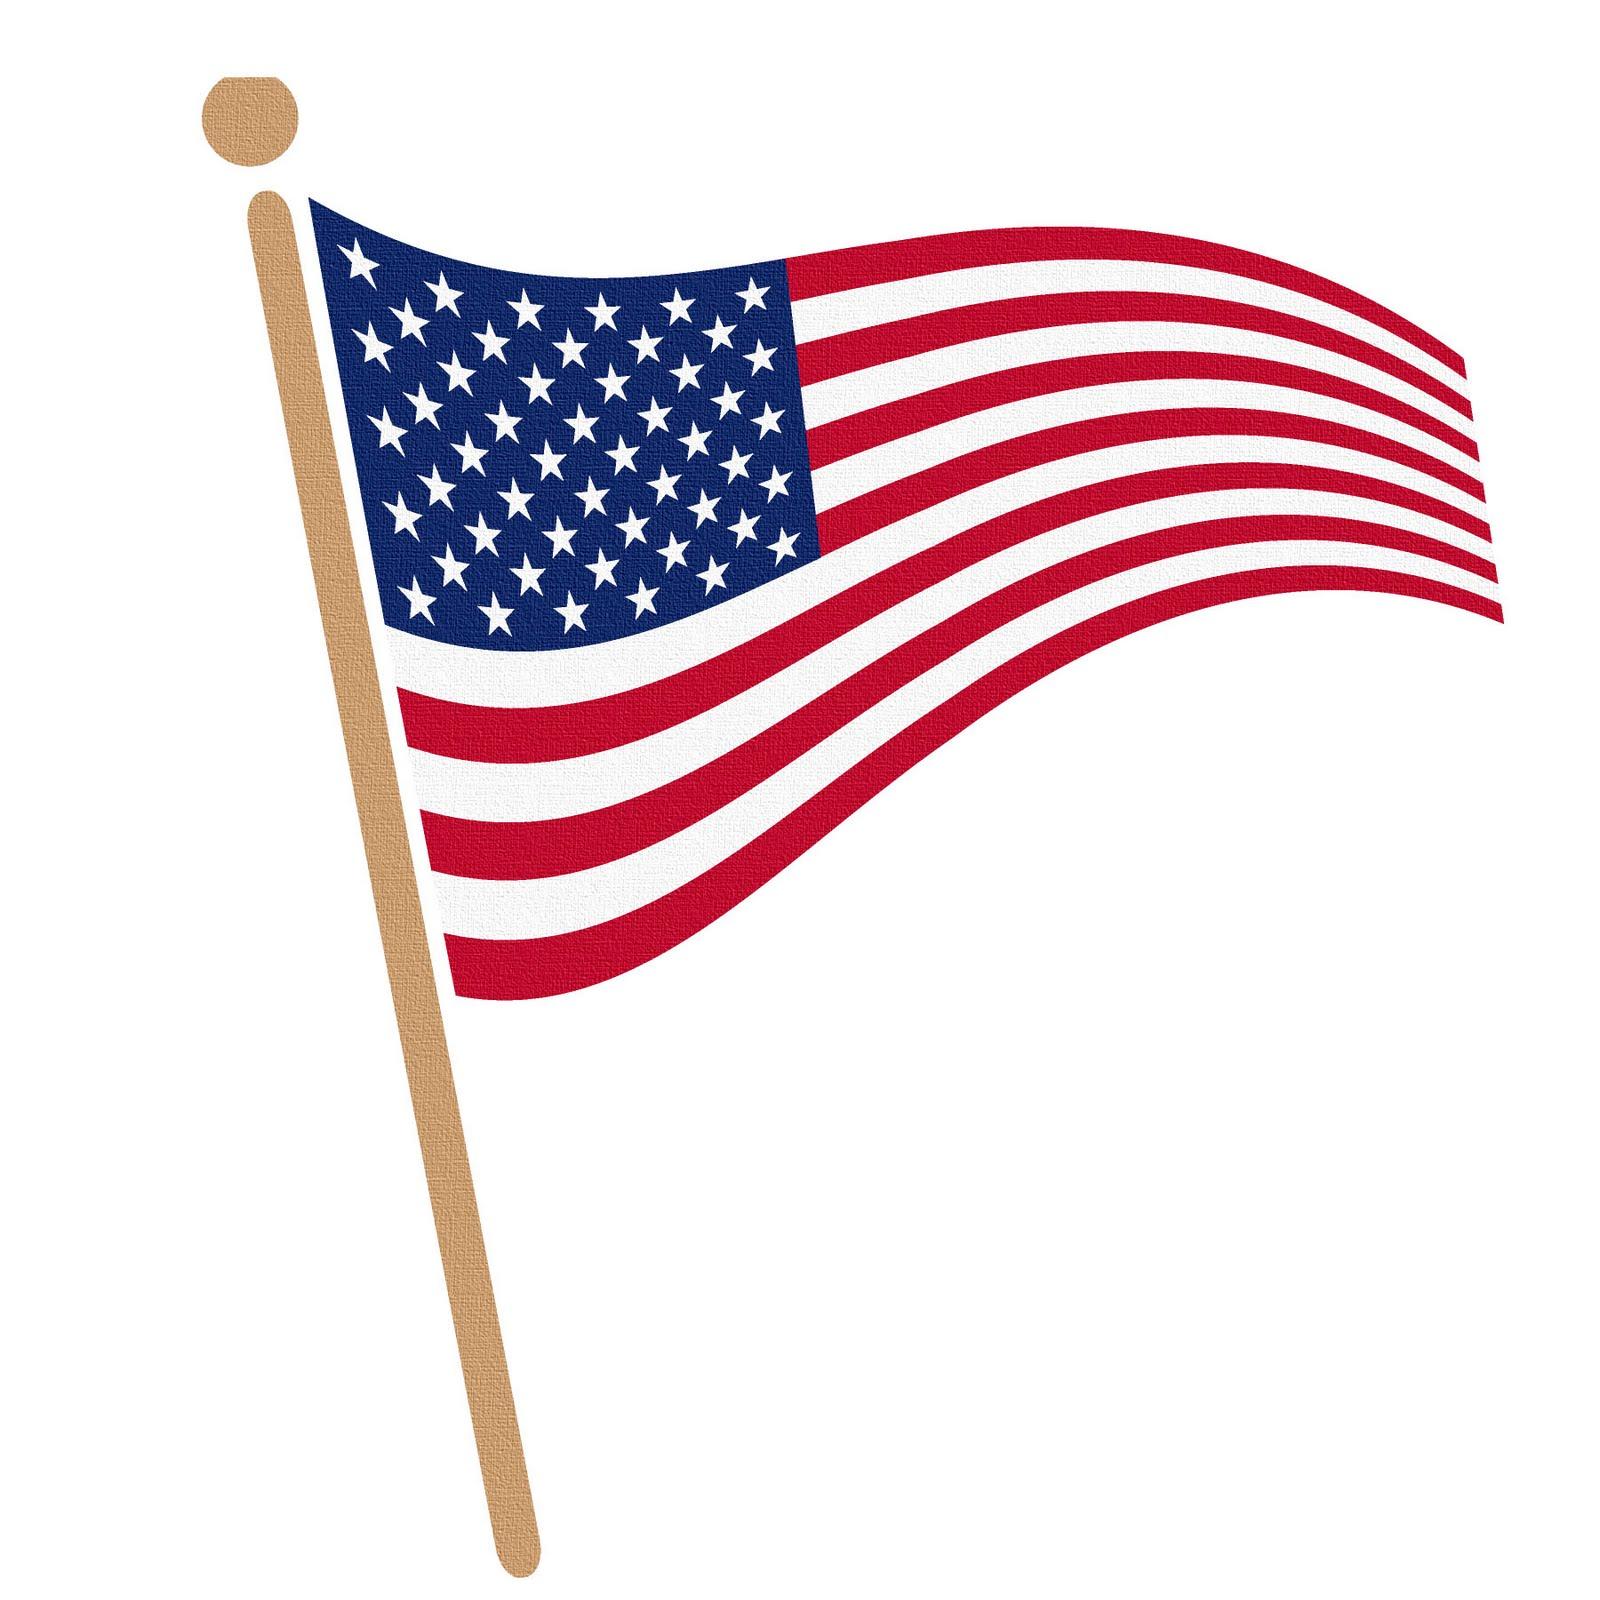 1600x1600 American Flag Free Clip Art Clipart 4